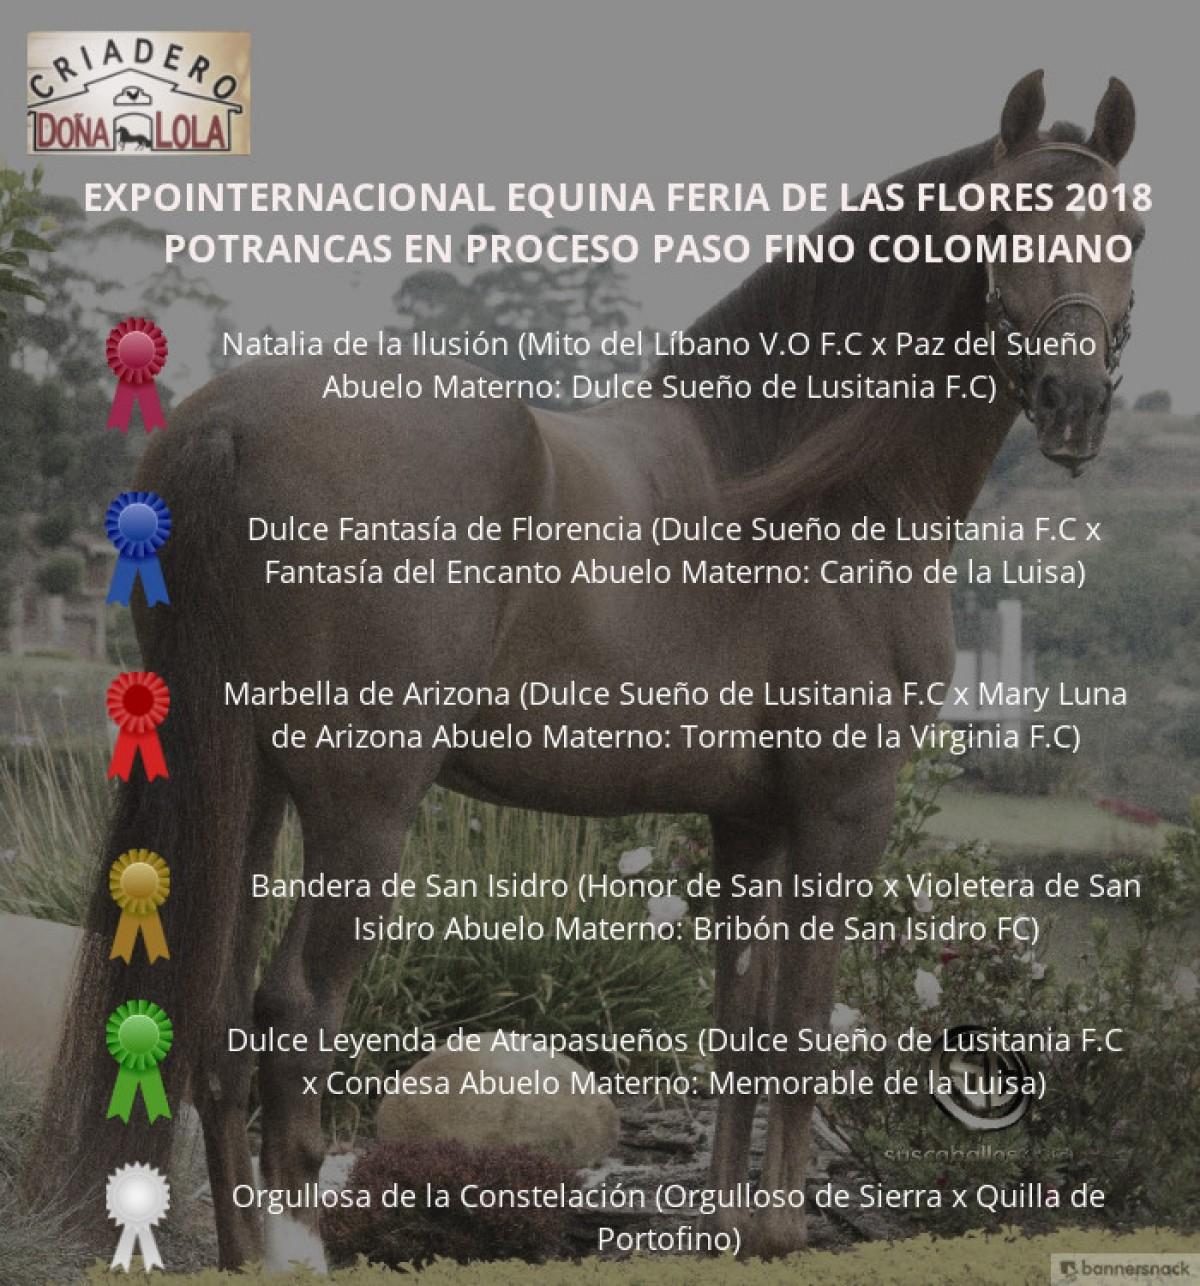 :RESULTADOS 60 años Expointernacional Equina Feria de Flores 2018 - PASO FINO COLOMBIANO